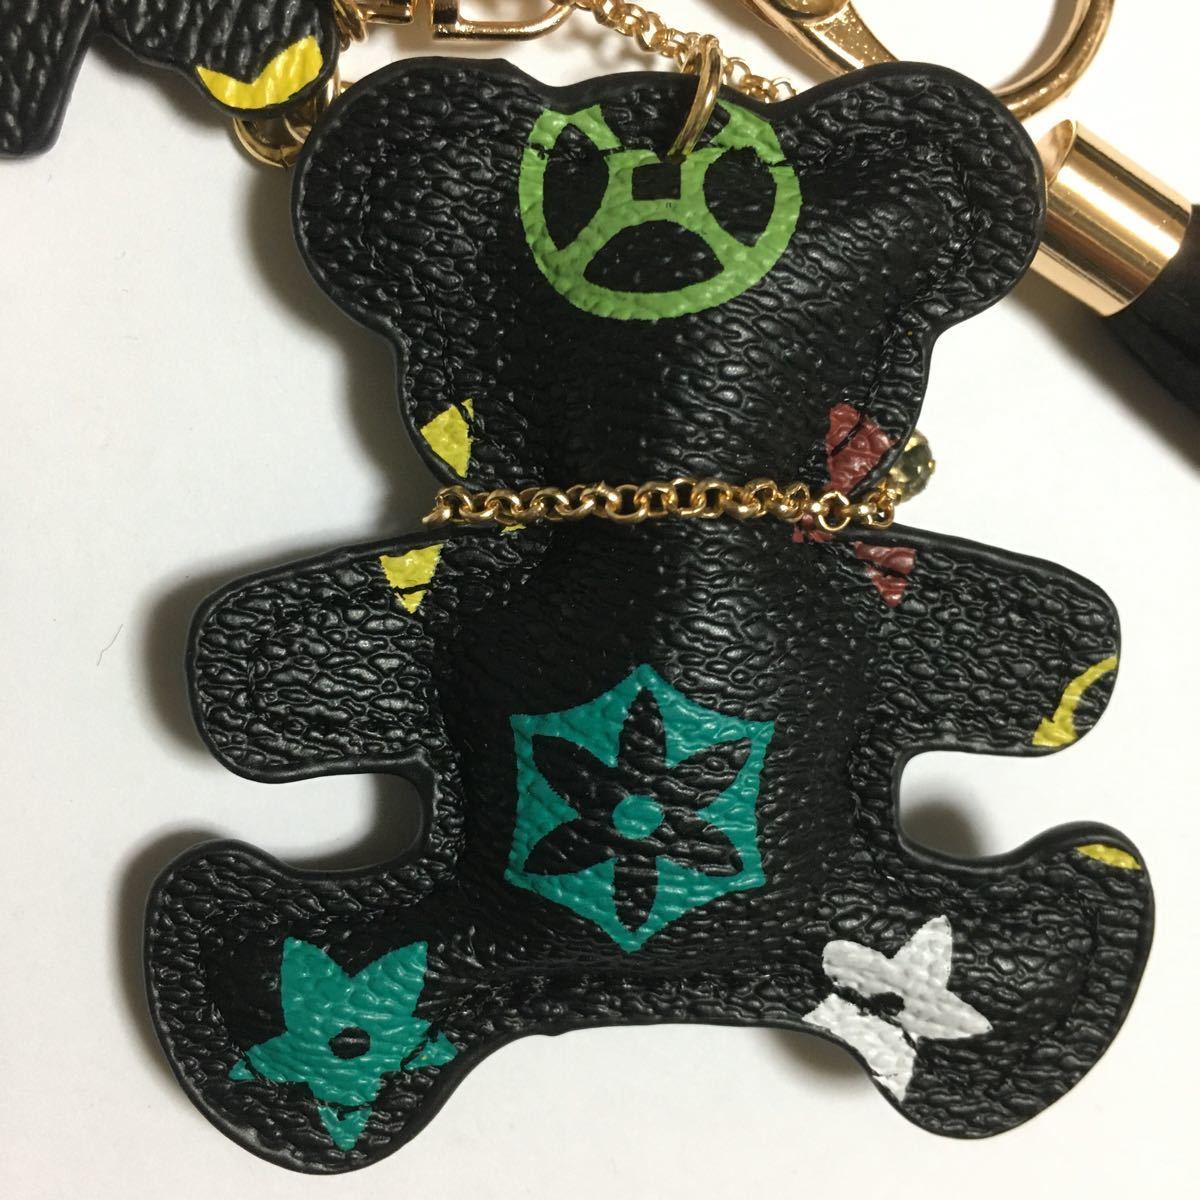 新品PUレザーくまの親子キーホルダー/ブラックフラワー/キーリング/キーチェーン/チャーム/ファッション小物